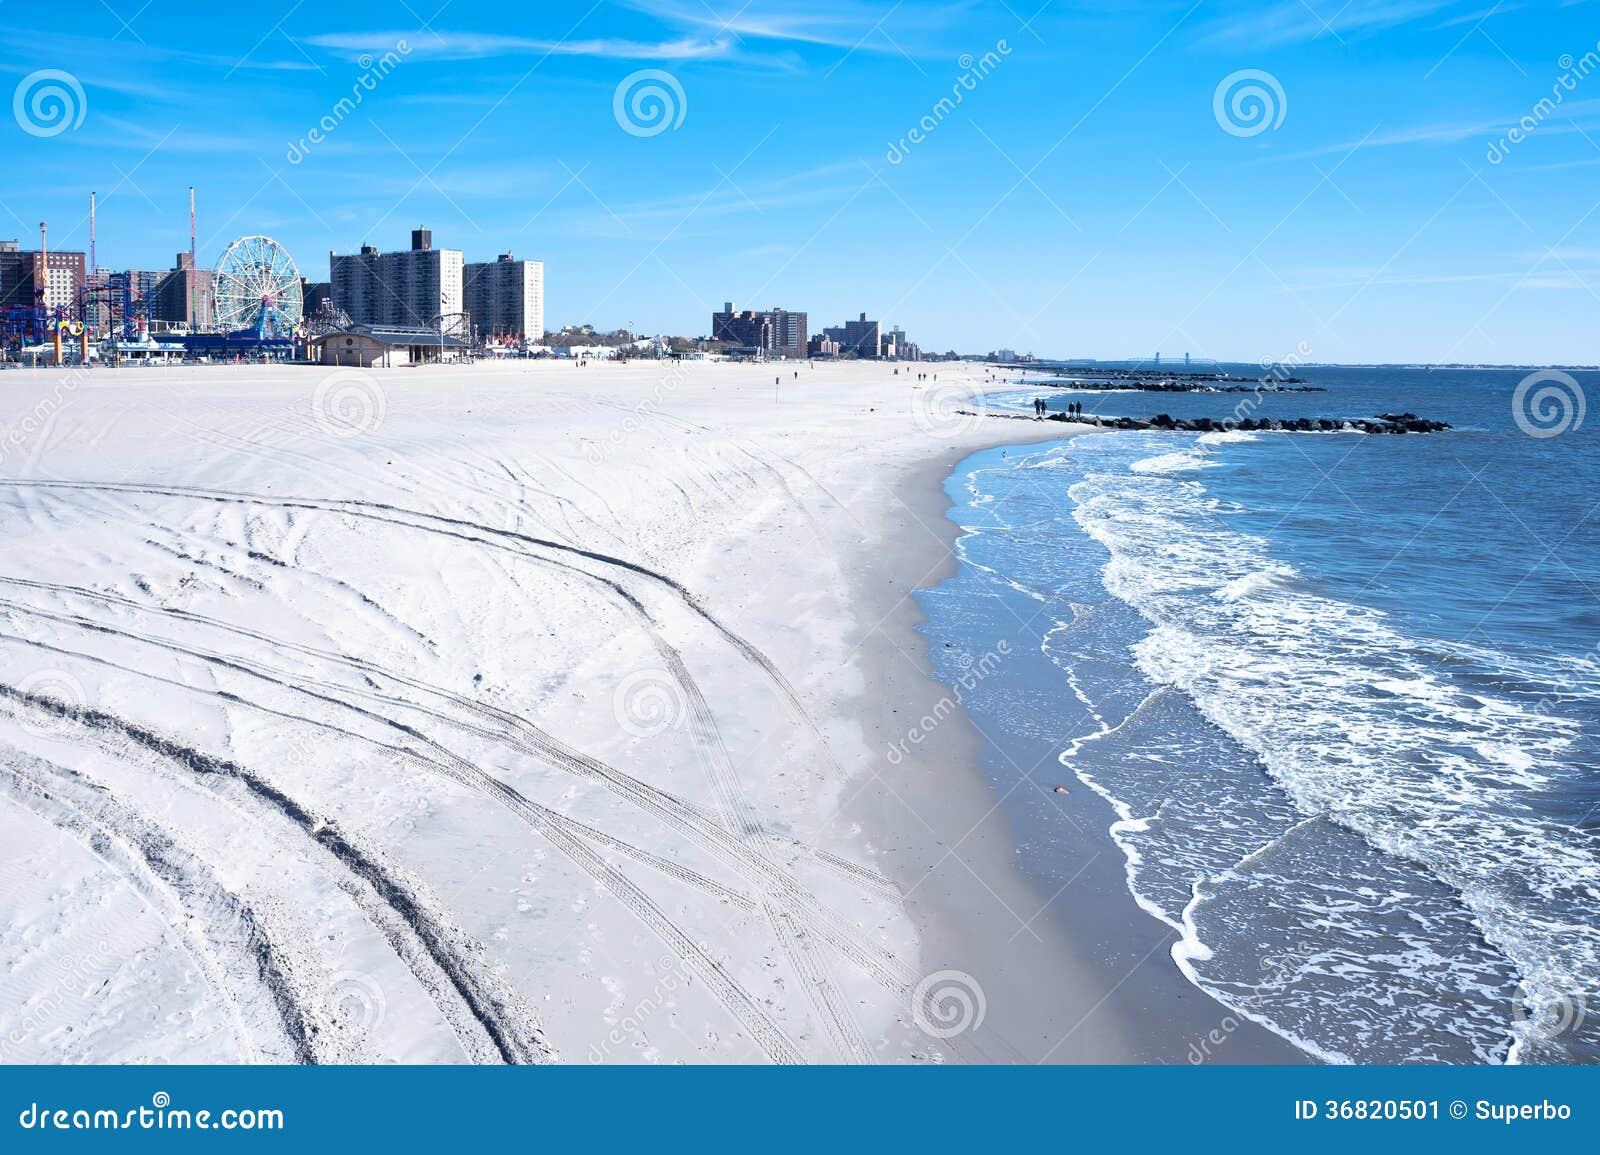 coney island strand brooklyn new york city stockbild bild von l ufer sommerzeit 36820501. Black Bedroom Furniture Sets. Home Design Ideas